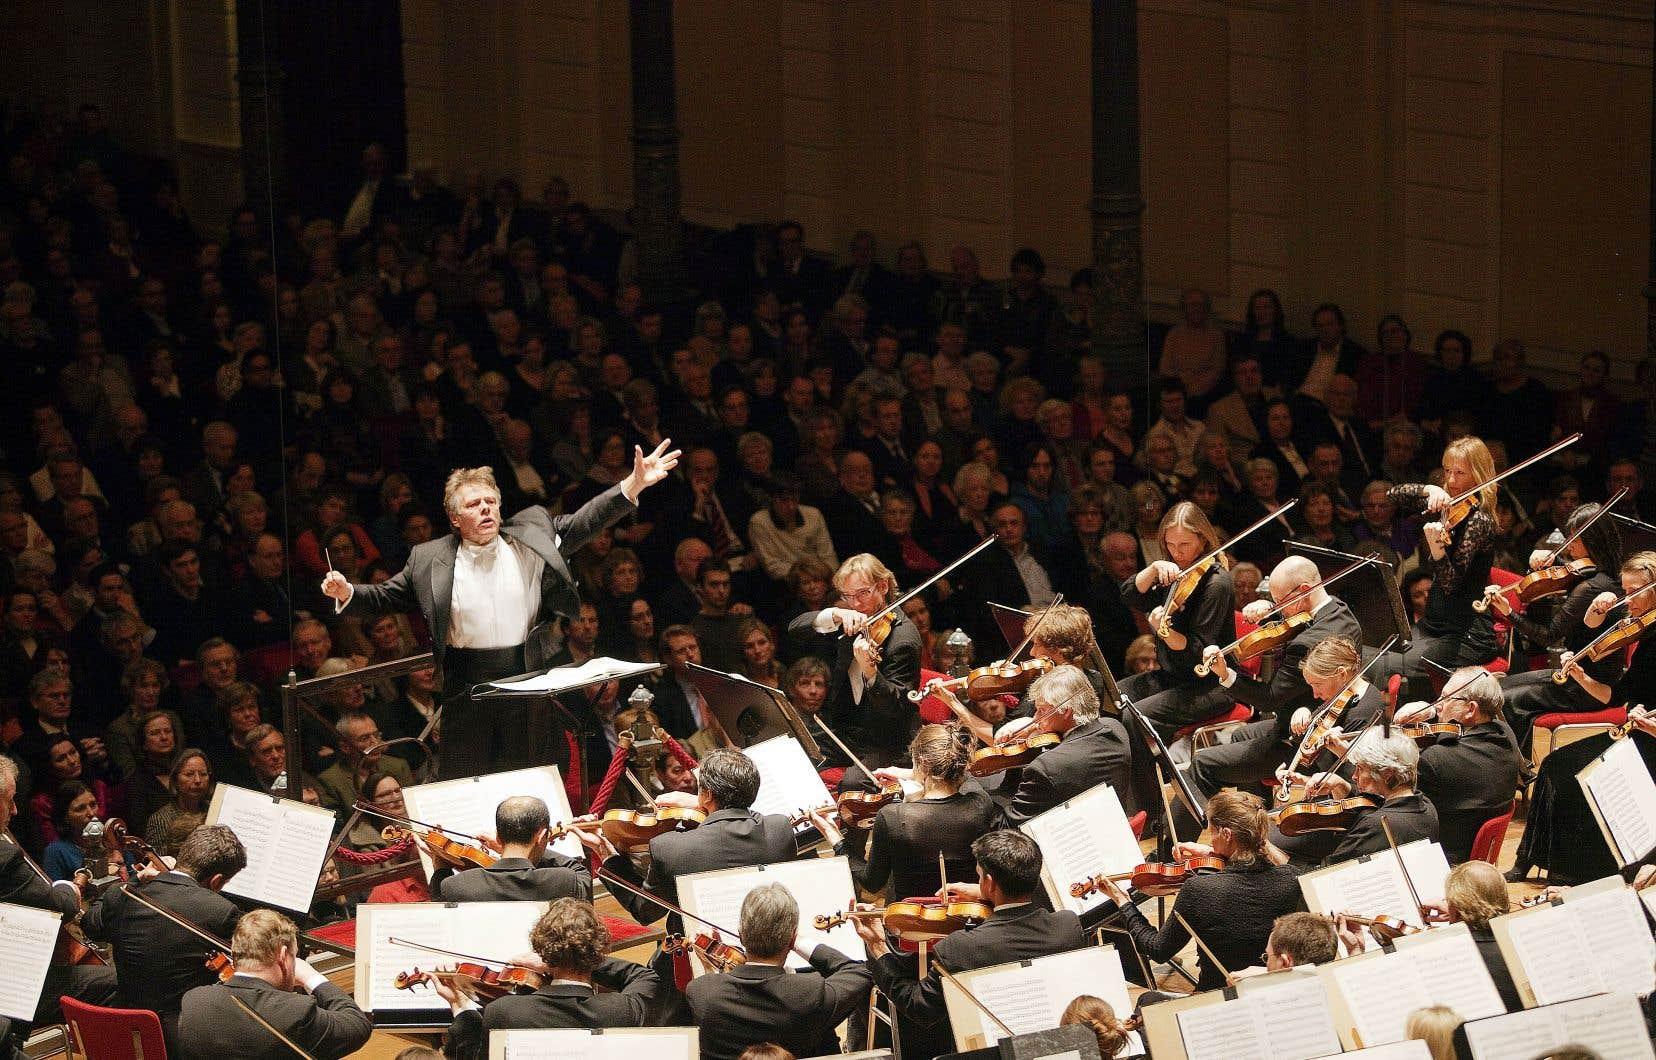 Mariss Jansons, ici dirigeant l'Orchestre royal du Concertgebouw en 2009, était un chef cardiaque. Les alertes furent nombreuses cette année, au point de l'obliger à un repos forcé de trois mois l'été dernier.